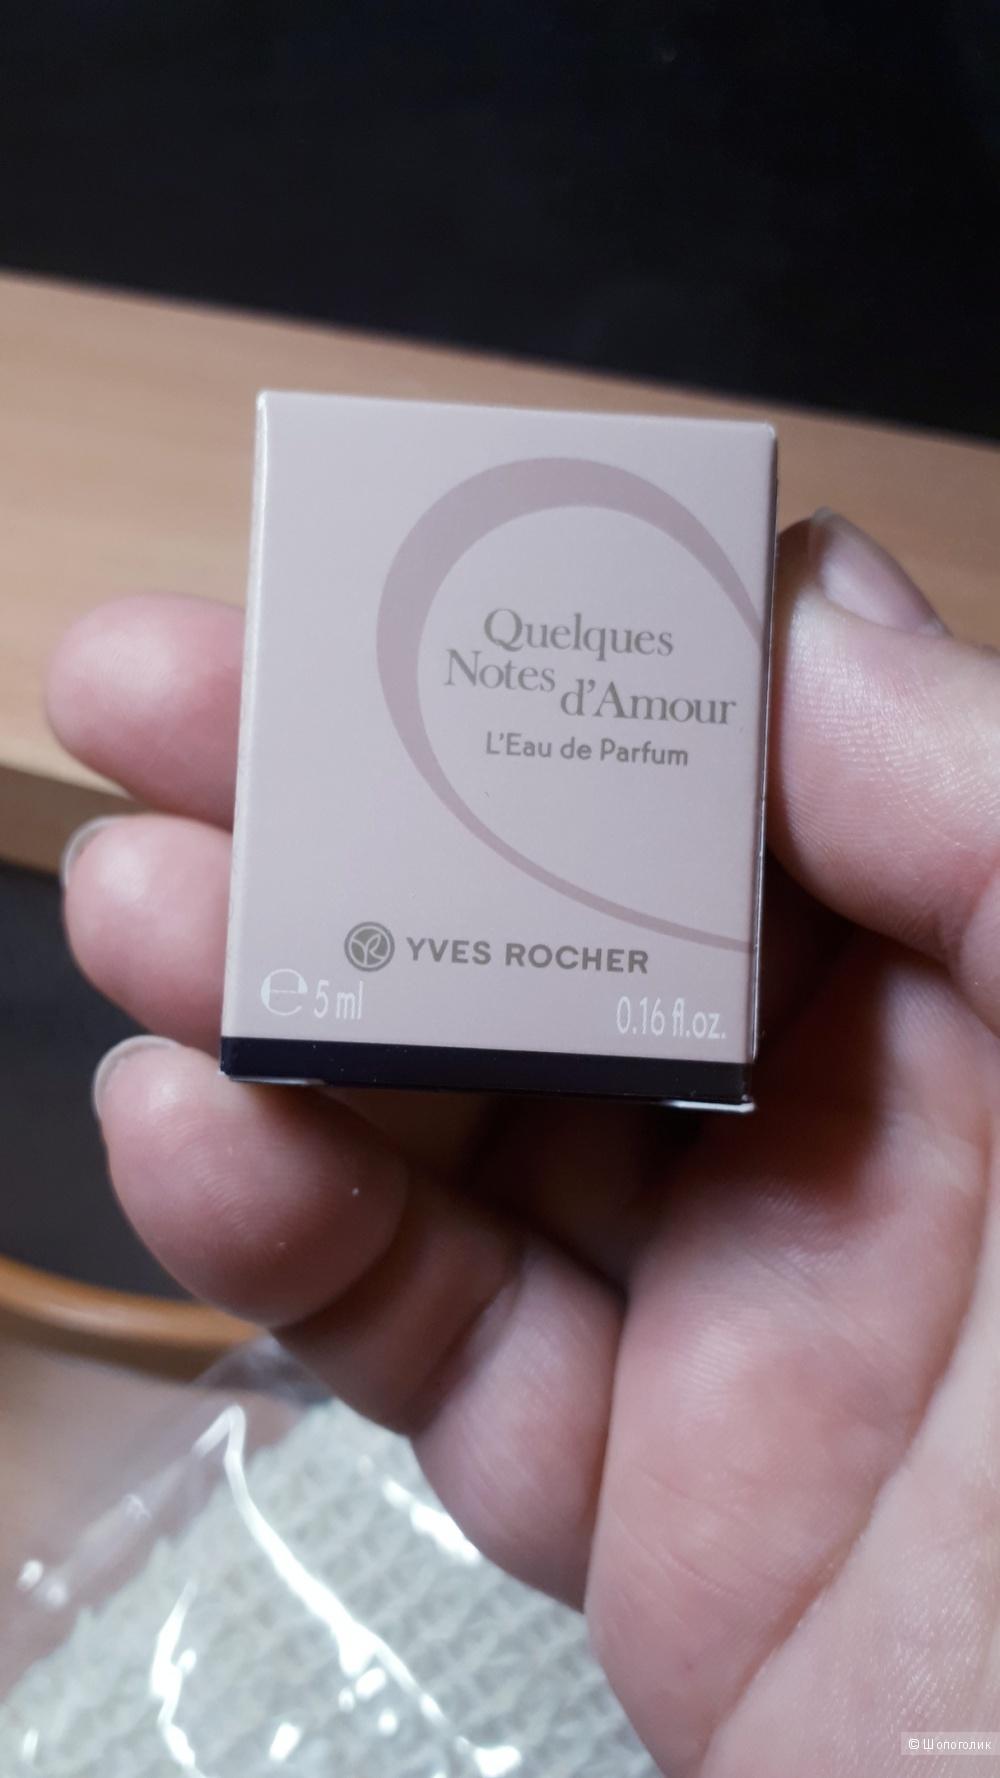 Набор для душа Ив Роше+парфюм в подарок